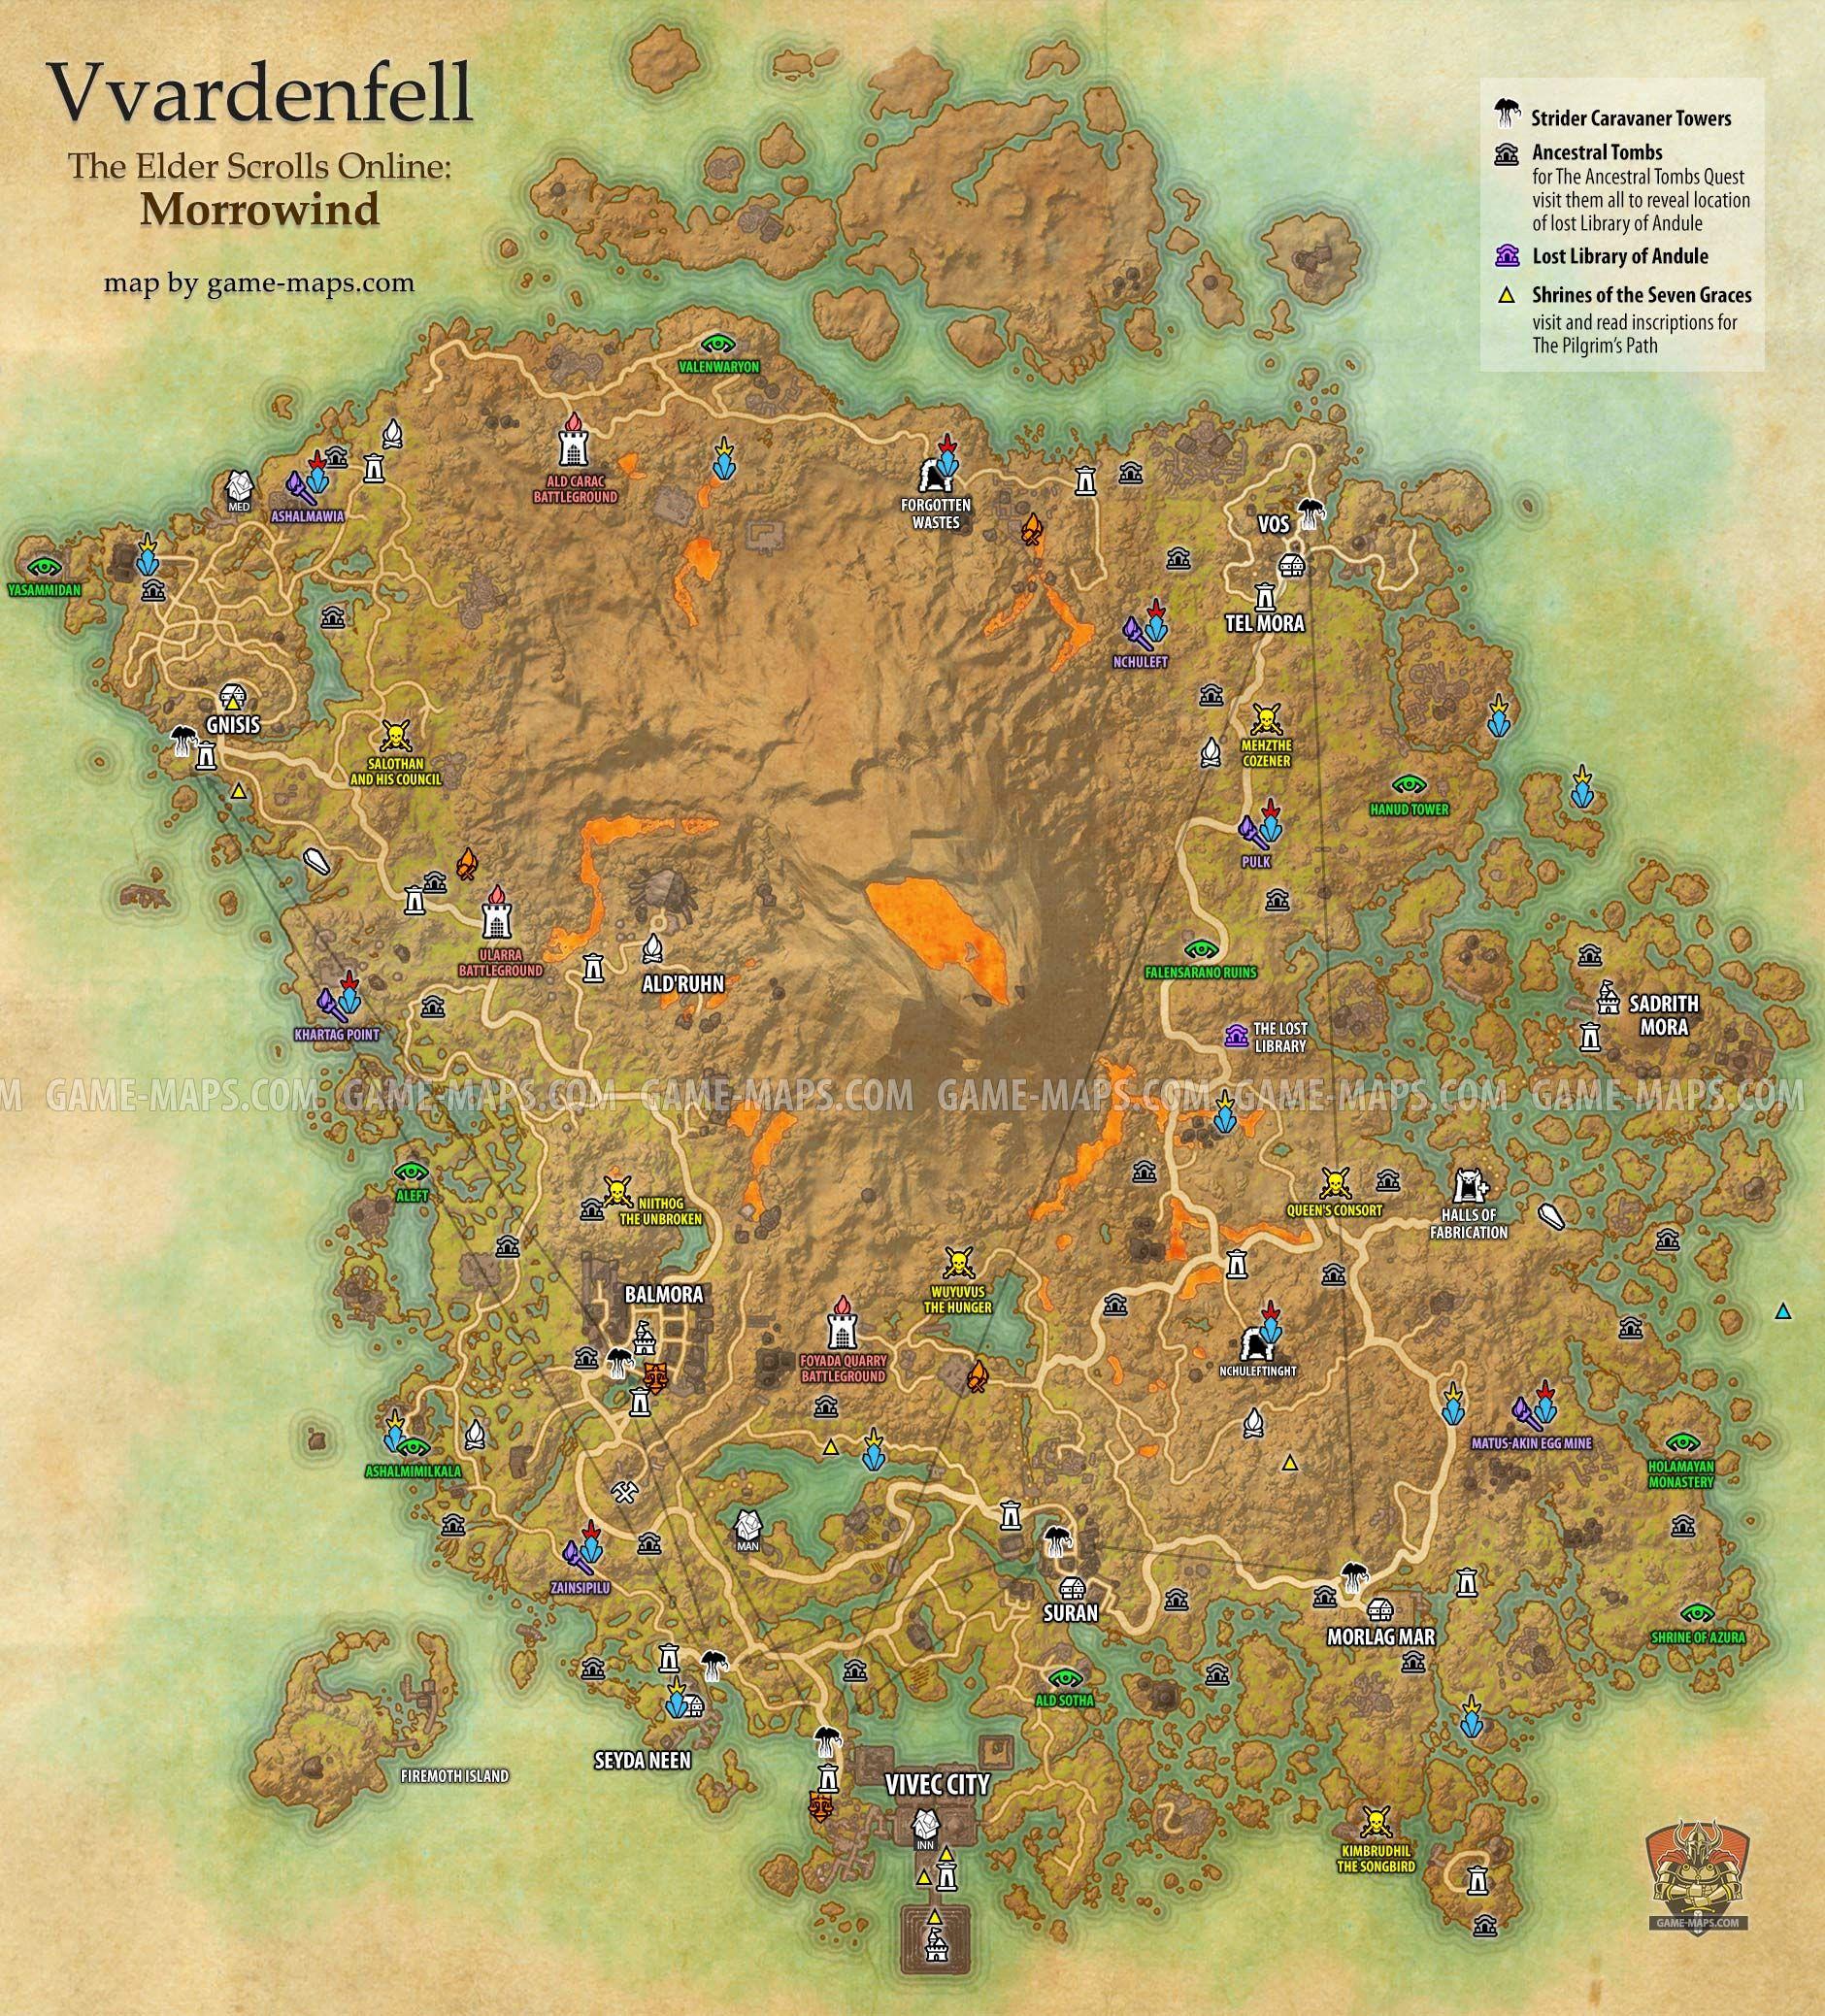 Vvardenfell zone map for The Elder Scrolls Online: Morrowind. Vivec ...